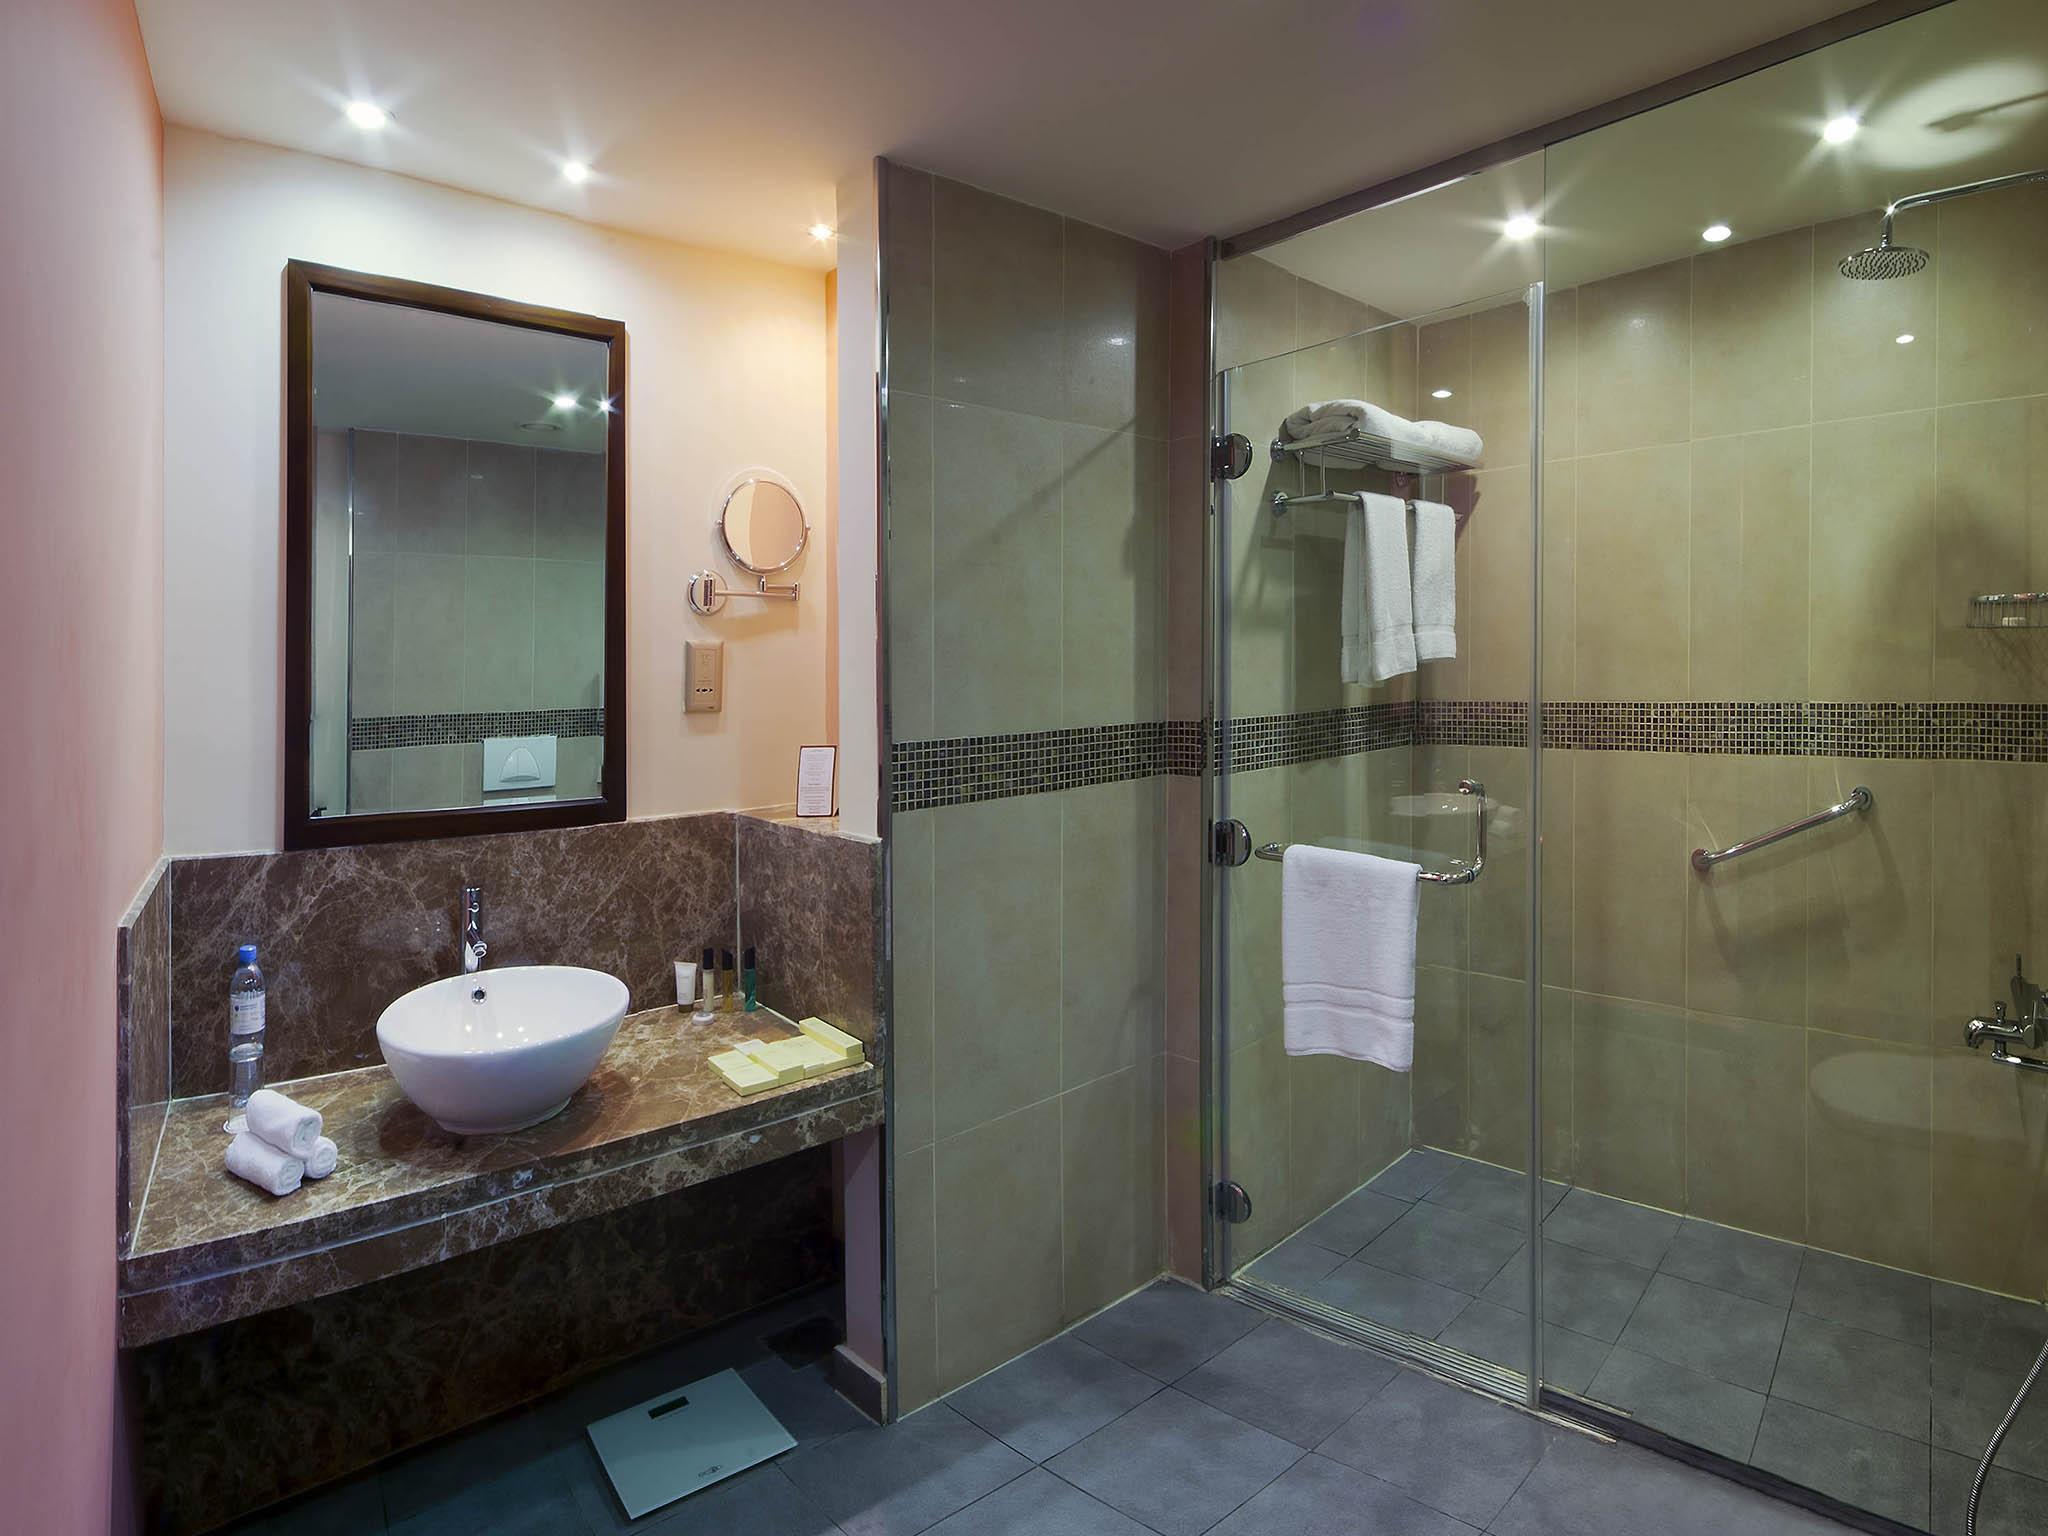 بالصور حمامات فنادق , شاهد بالصور افخم حمامات الفنادق 400 2